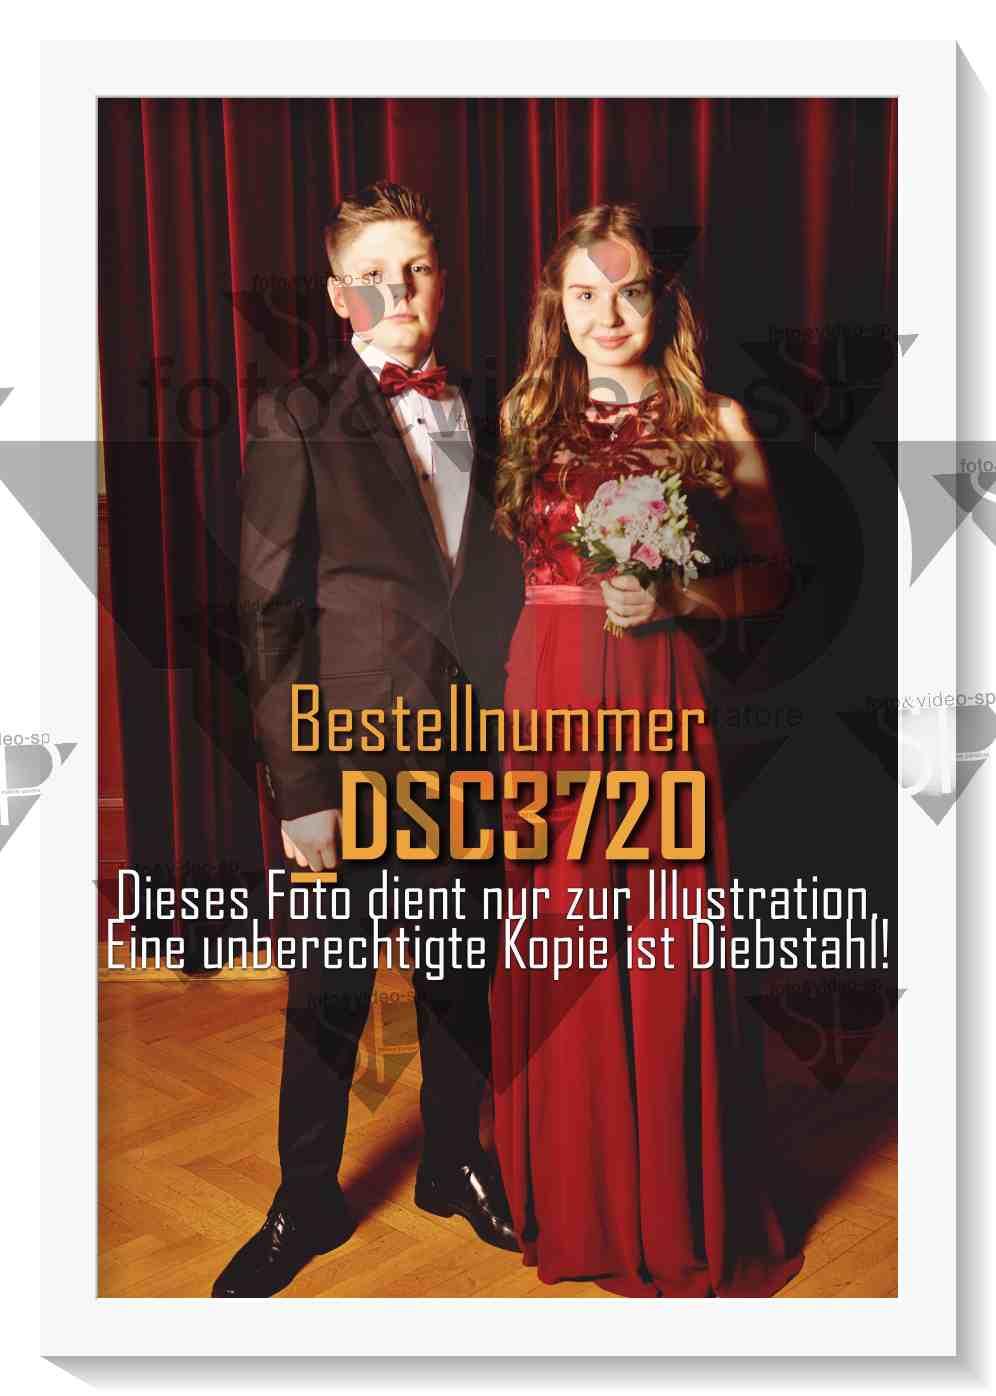 DSC3720